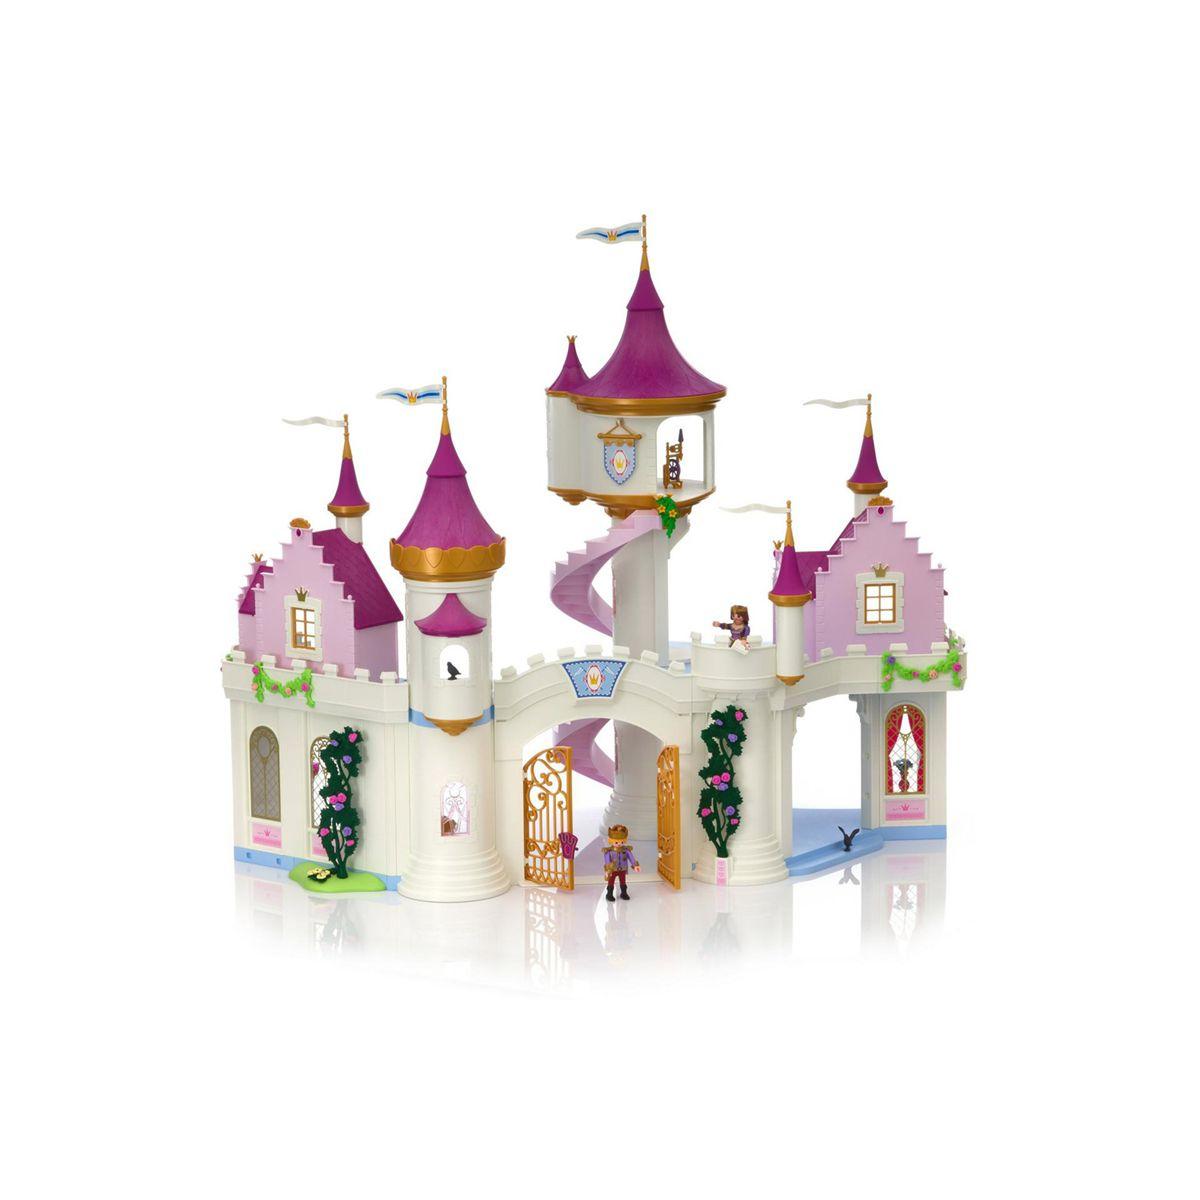 Grand Château De Princesse Playmobil Princess 6848 - Les tout Chateau De Princesse Dessin